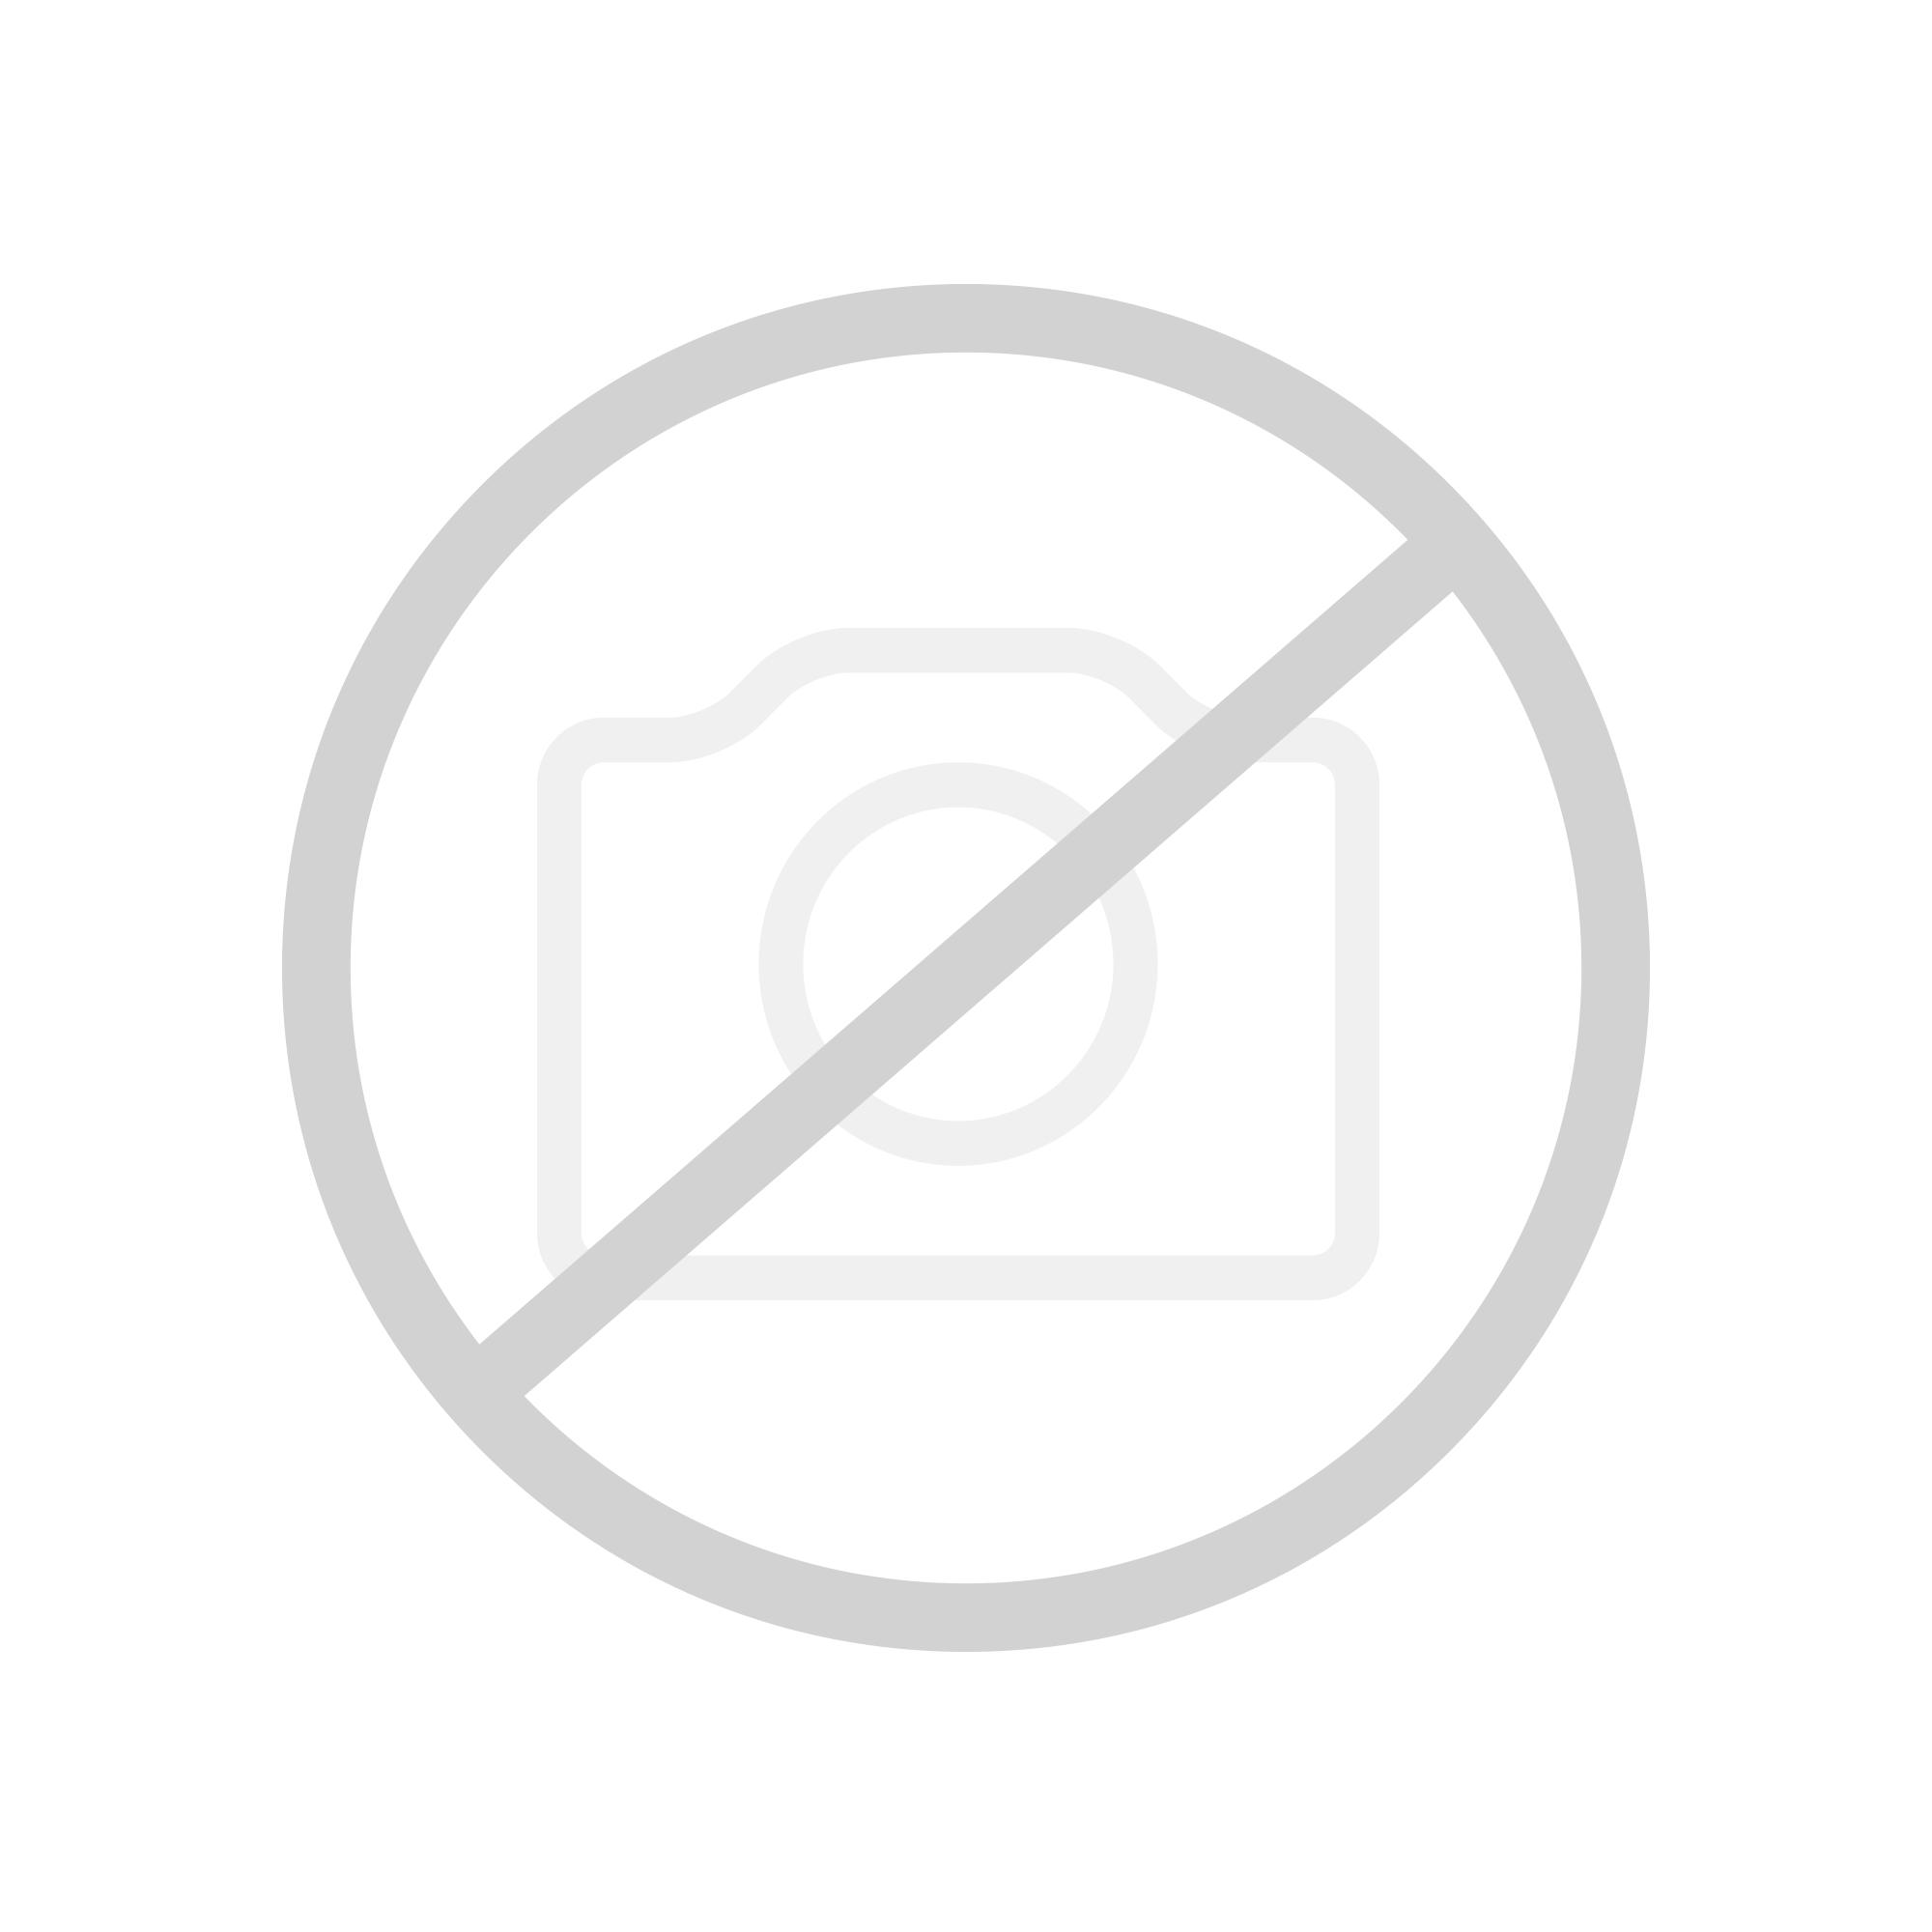 Grohe Essence Einhand-Waschtischbatterie, DN15